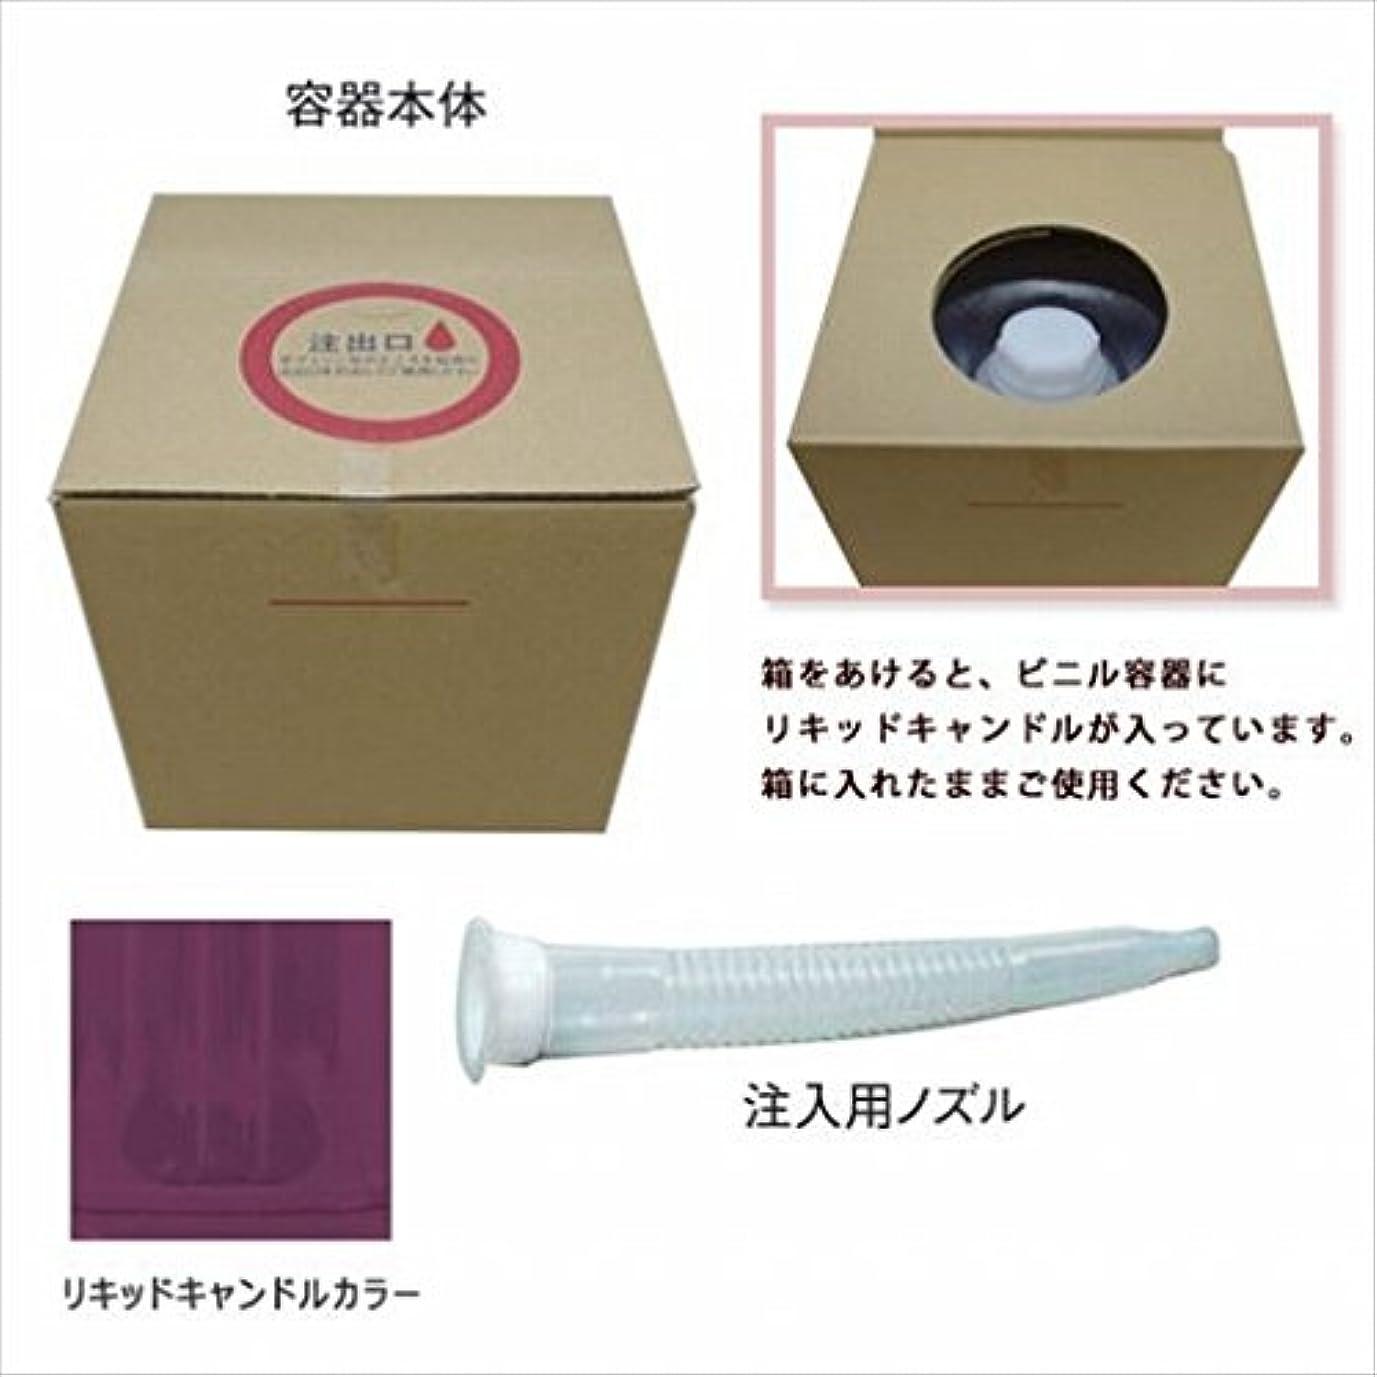 ライン連続したゴシップカメヤマキャンドル(kameyama candle) リキッドキャンドル5リットル 「 バイオレット 」